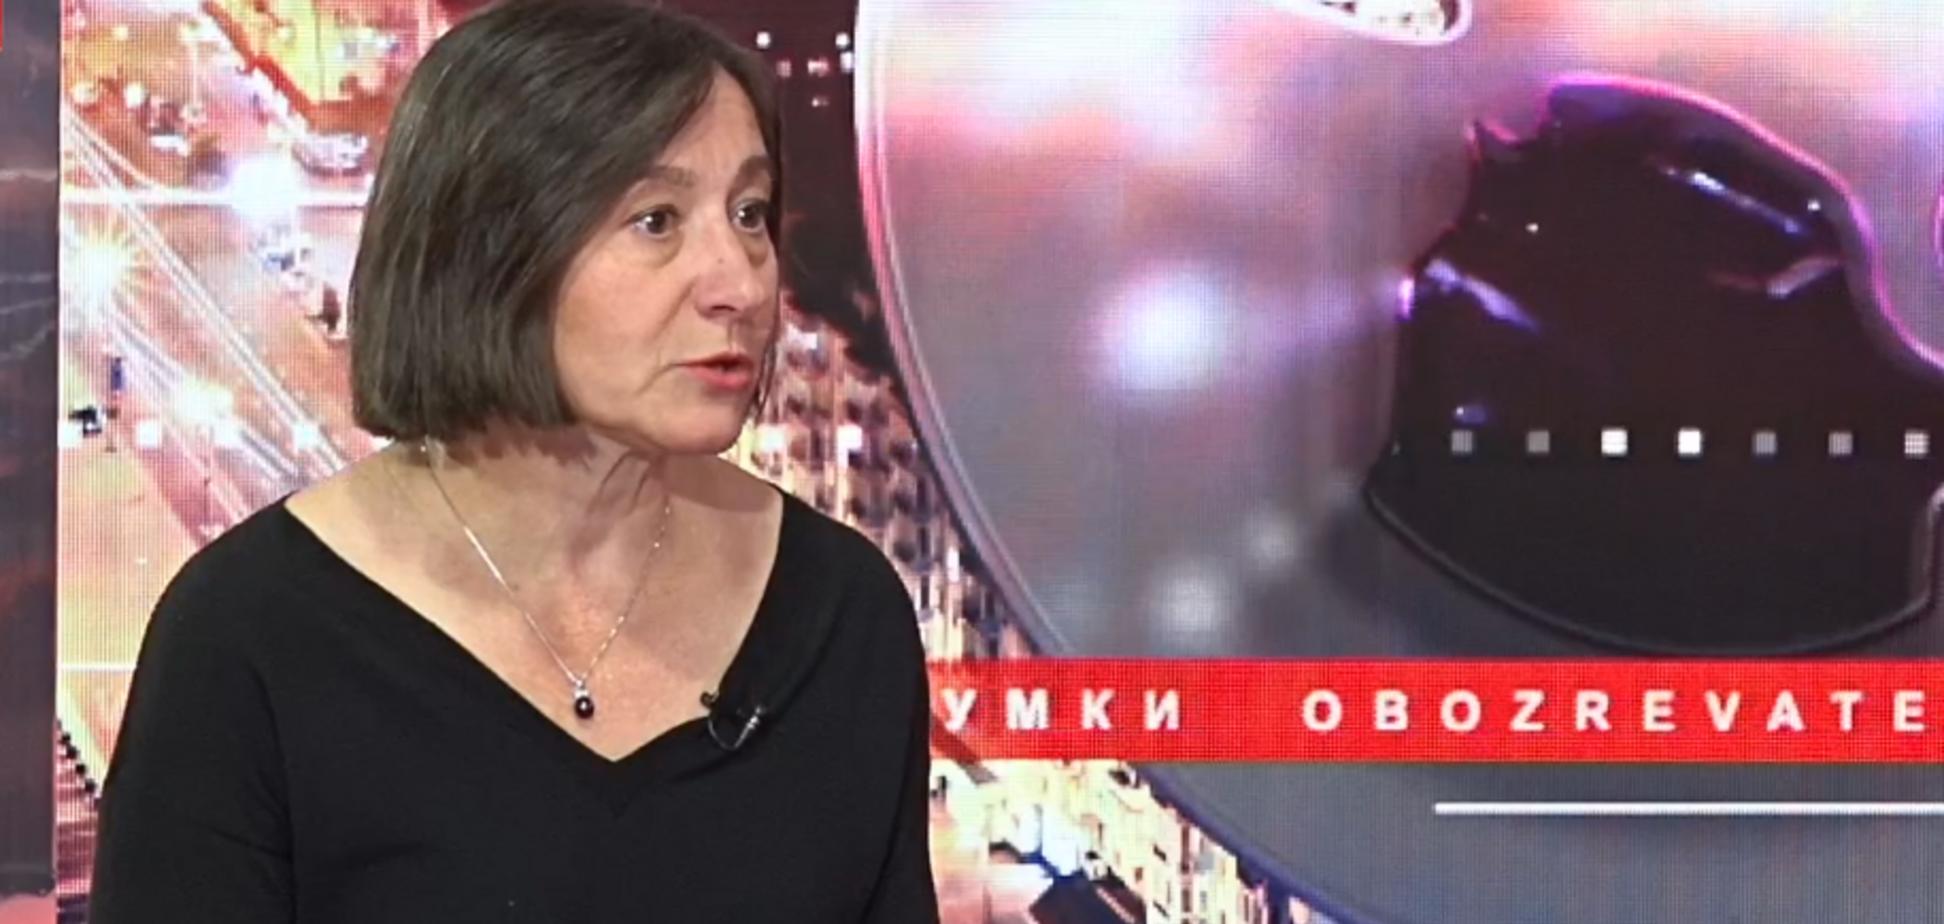 Без писем, подписки, а теперь и без пенсий: будущее Укрпочты под вопросом